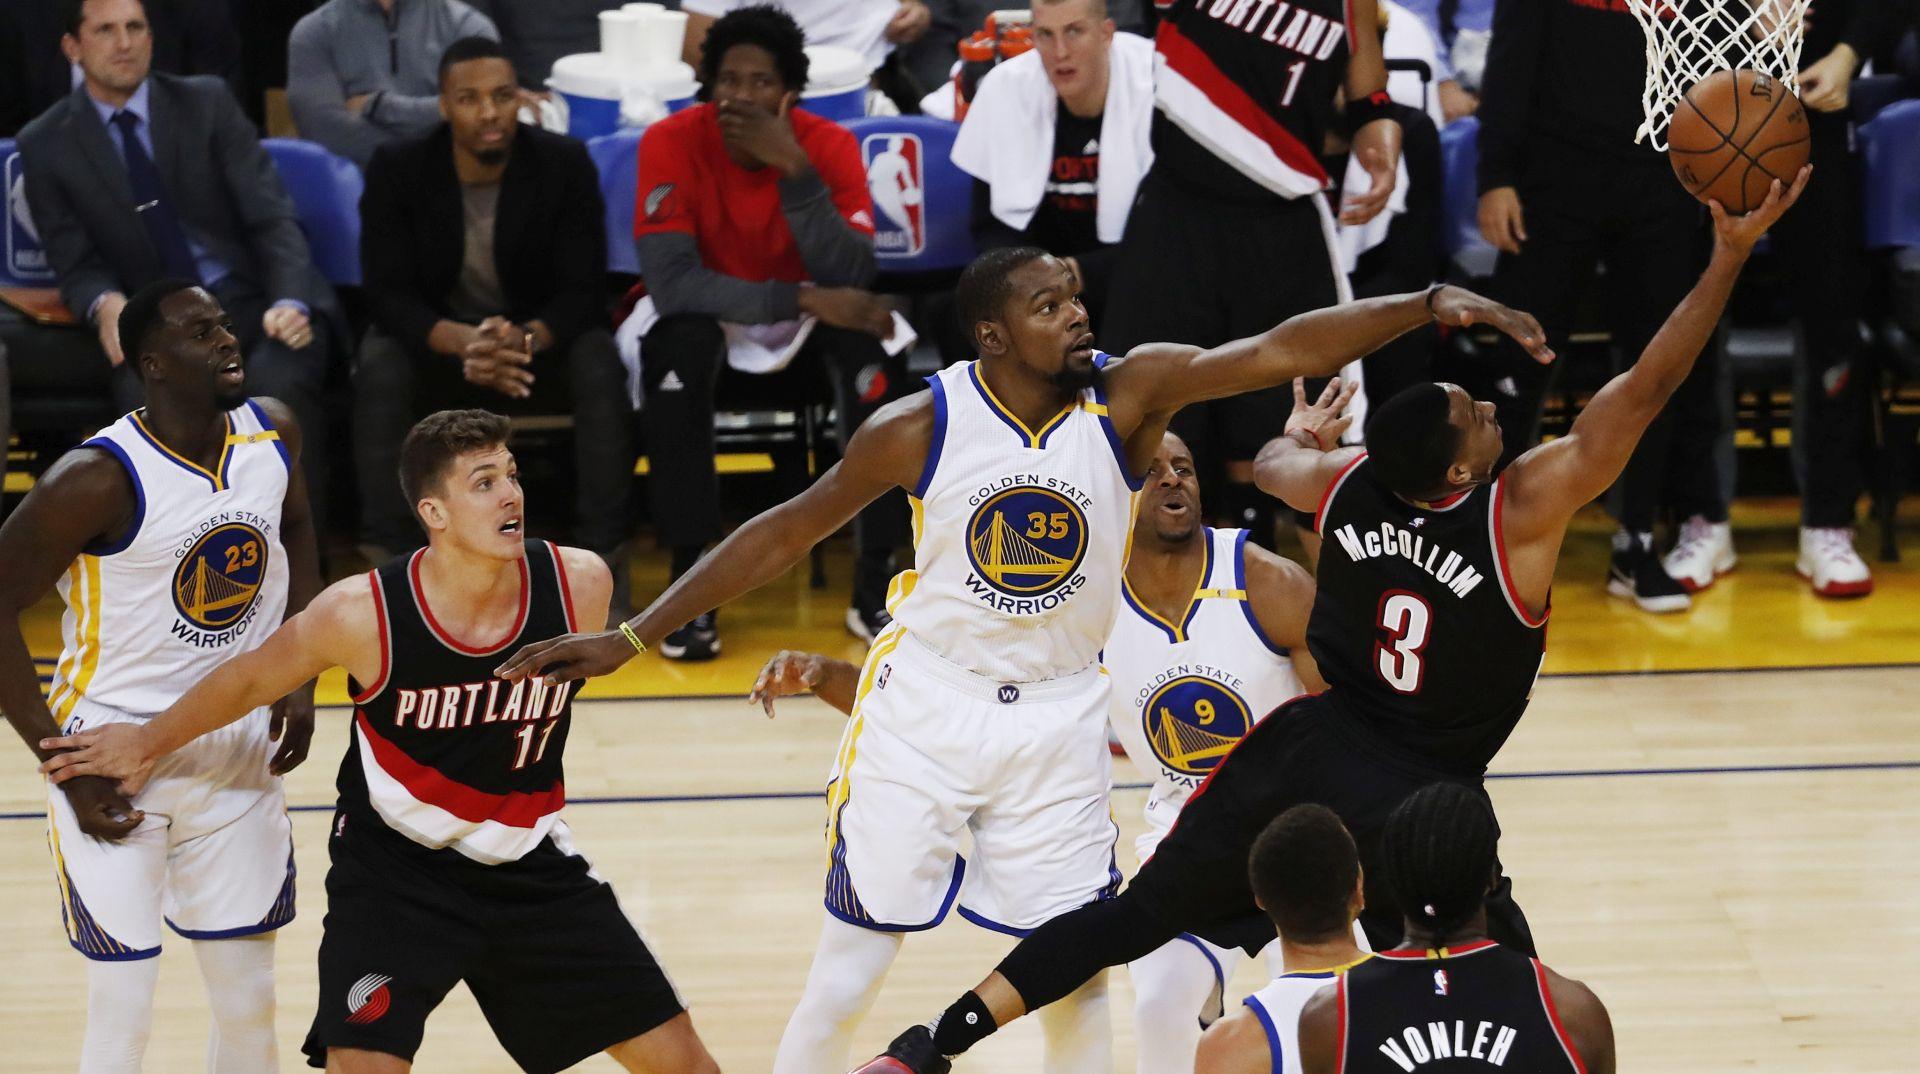 NBA Bullsi iskoristili neigranje Irvinga i Lovea